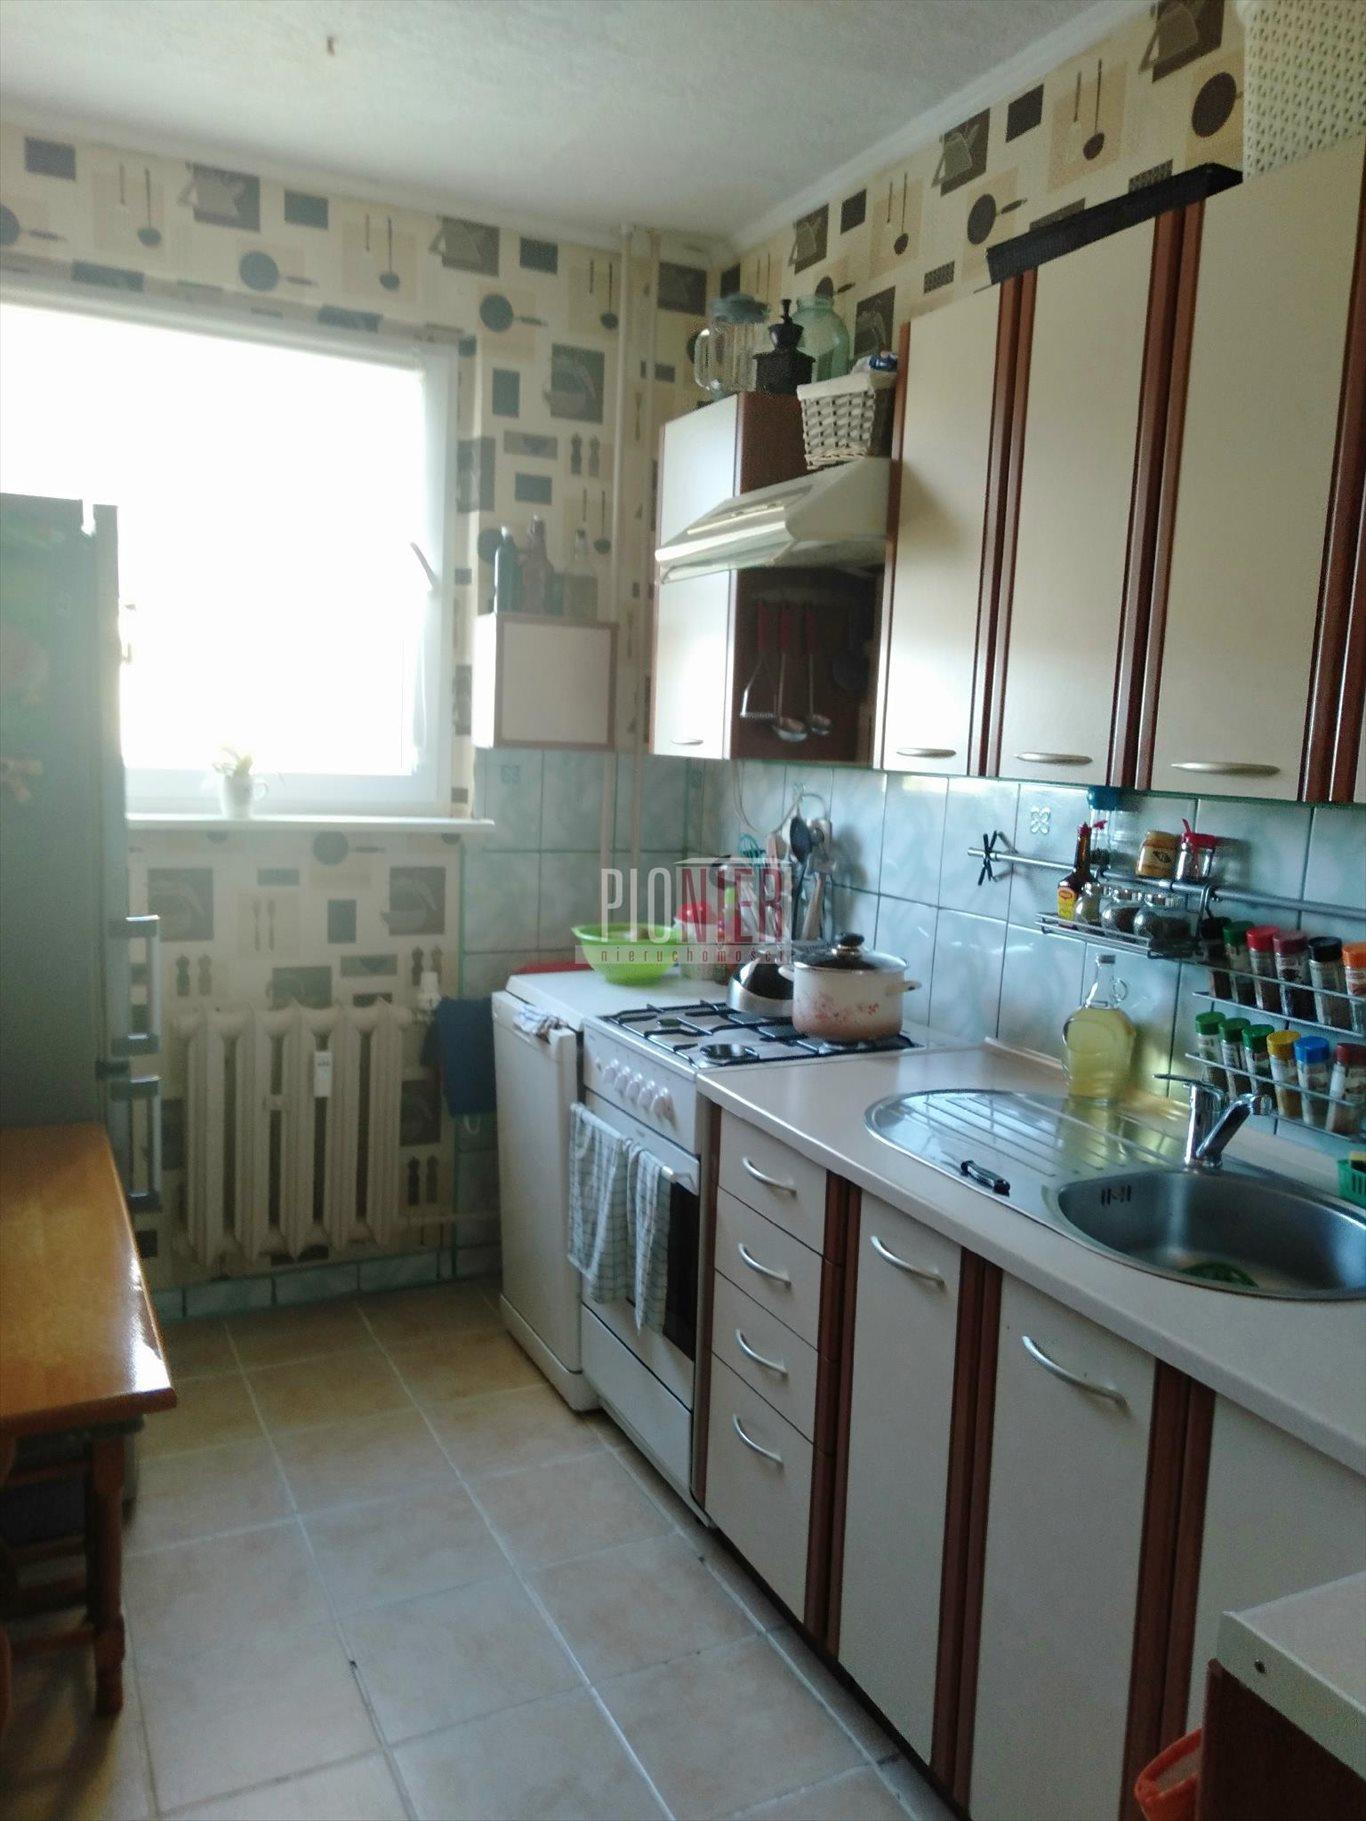 Mieszkanie trzypokojowe na sprzedaż Szczecin, Zdroje, Seledynowa  63m2 Foto 4